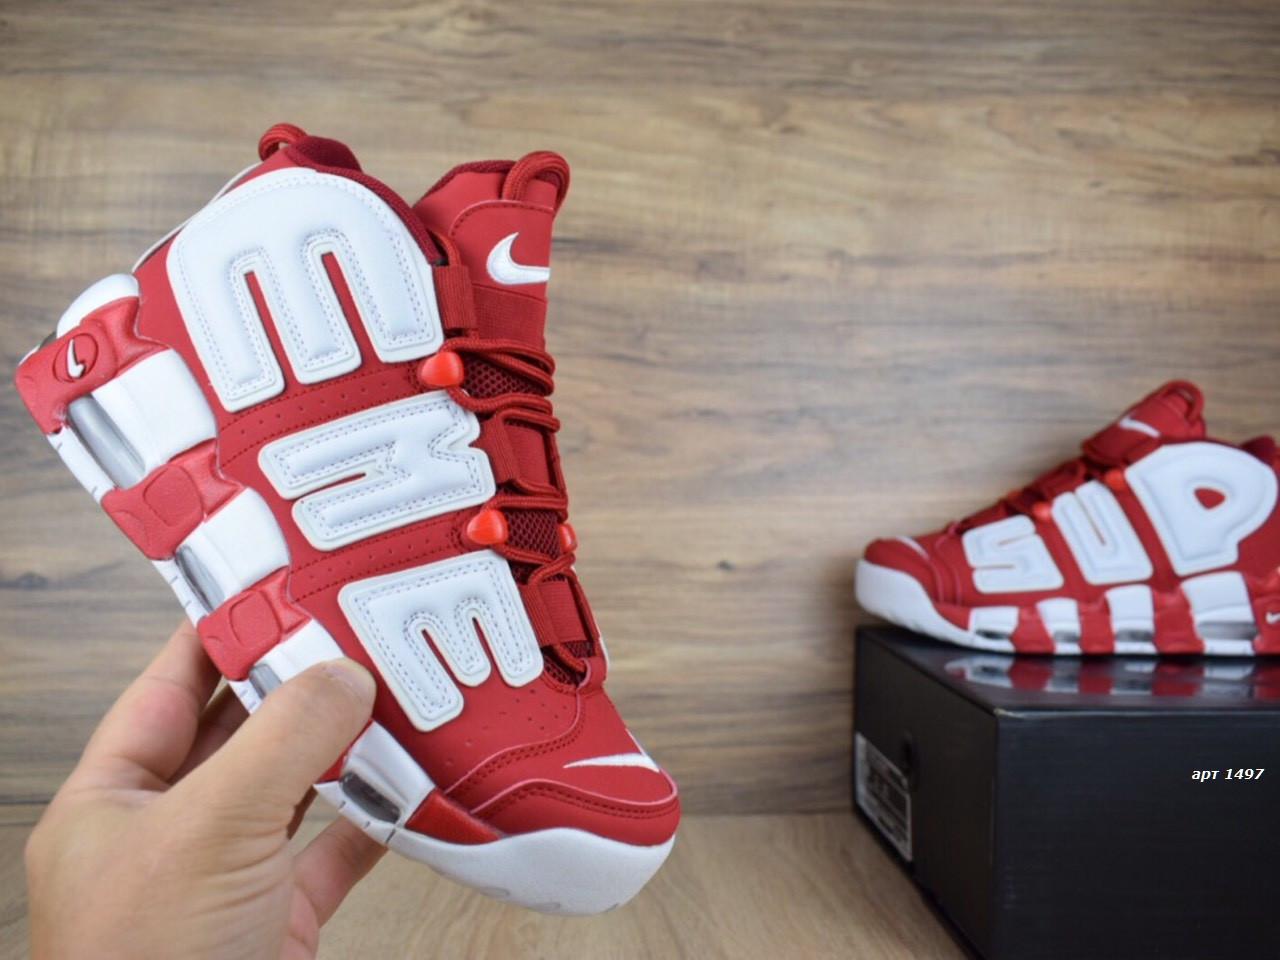 Кросівки чоловічі розпродаж АКЦІЯ 750 грн Nike Air More Uptempo 46 ( 29.5 см) копія люкс